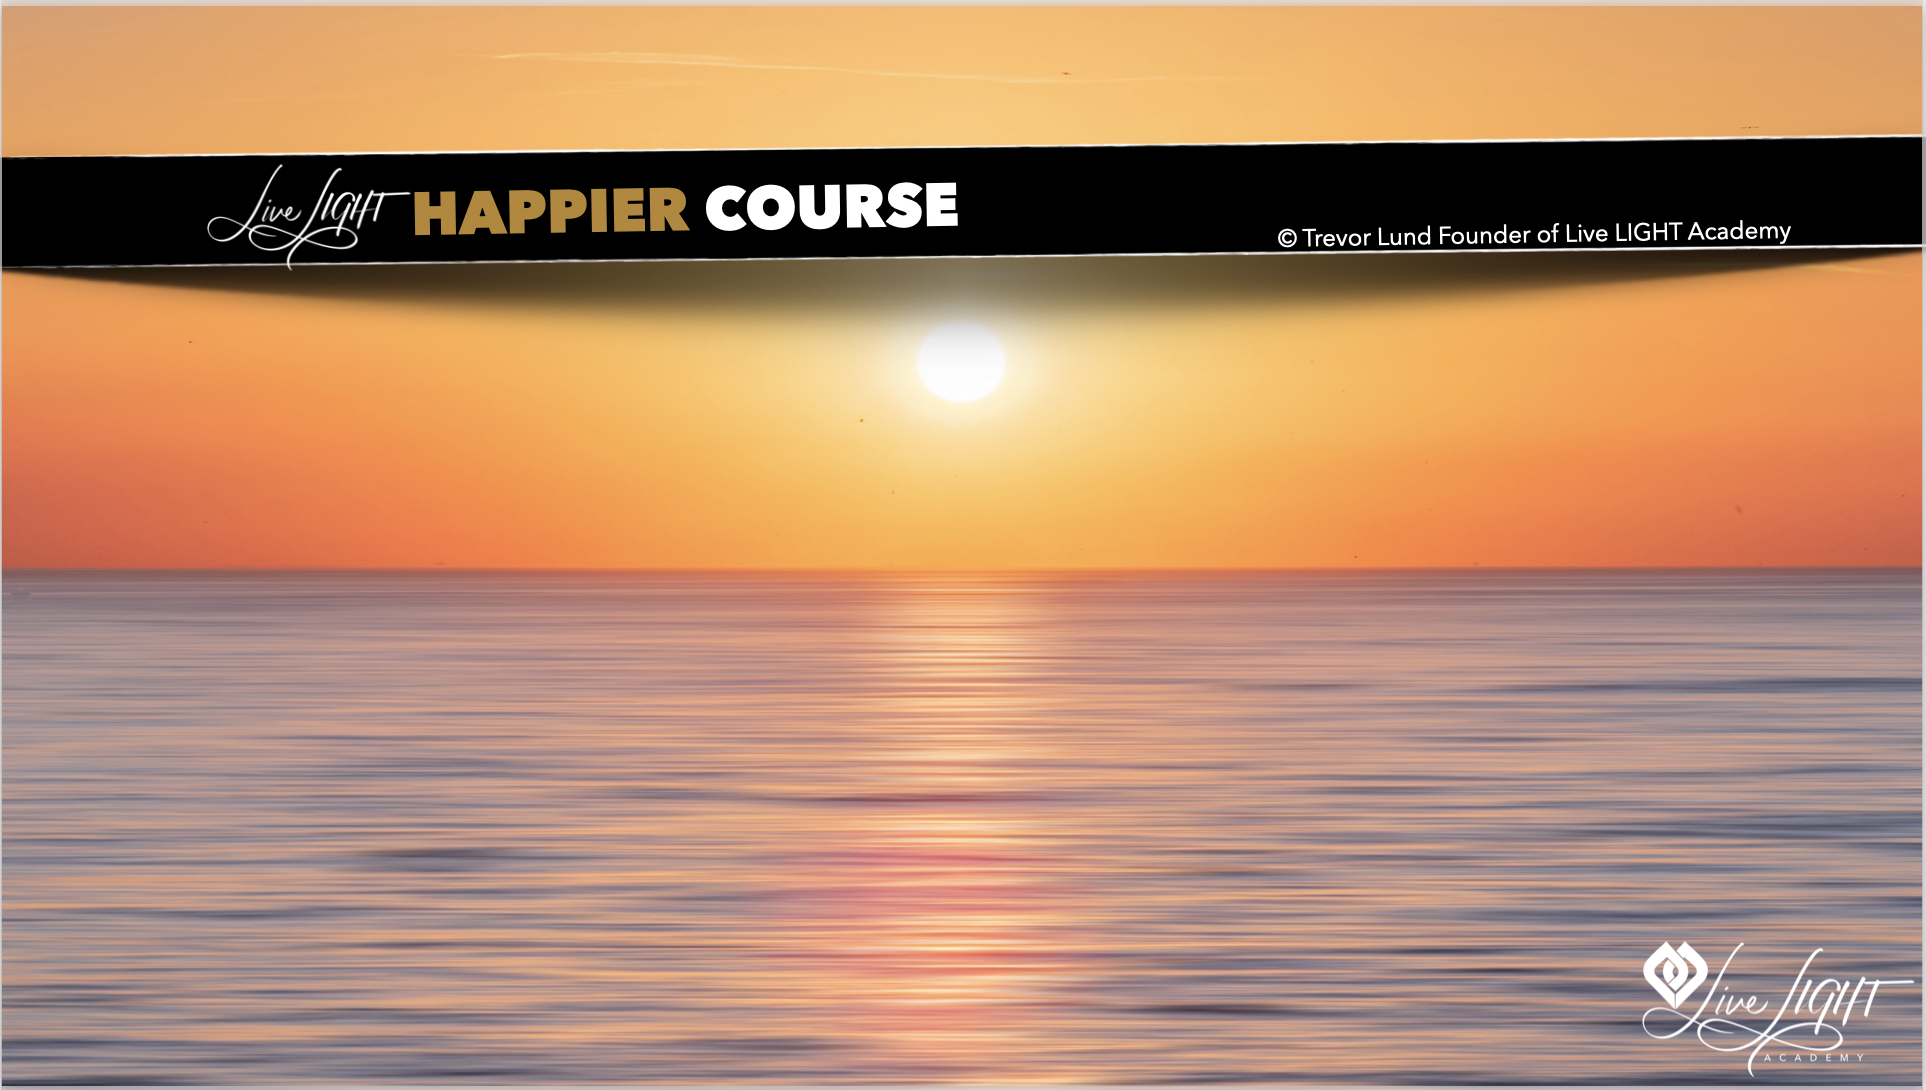 Live LIGHT Happier Course